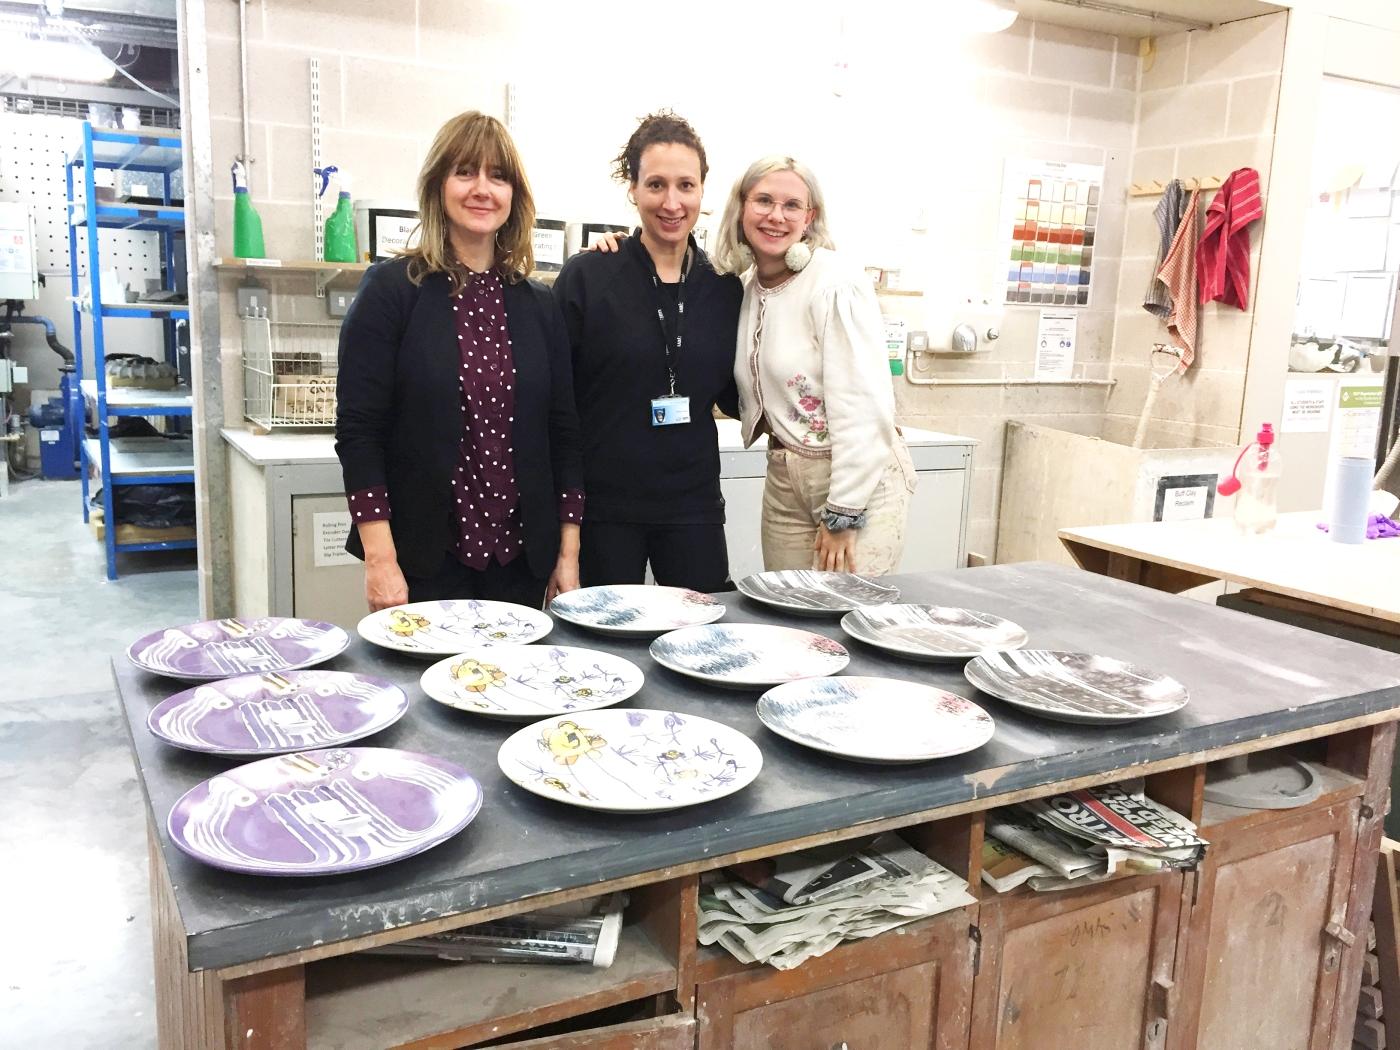 Emma Neuberg (L) Cherie Silver (M) Ella Rose Caton (R) in the Ceramics Studio at Chelsea College_The Democratic Dish 2018